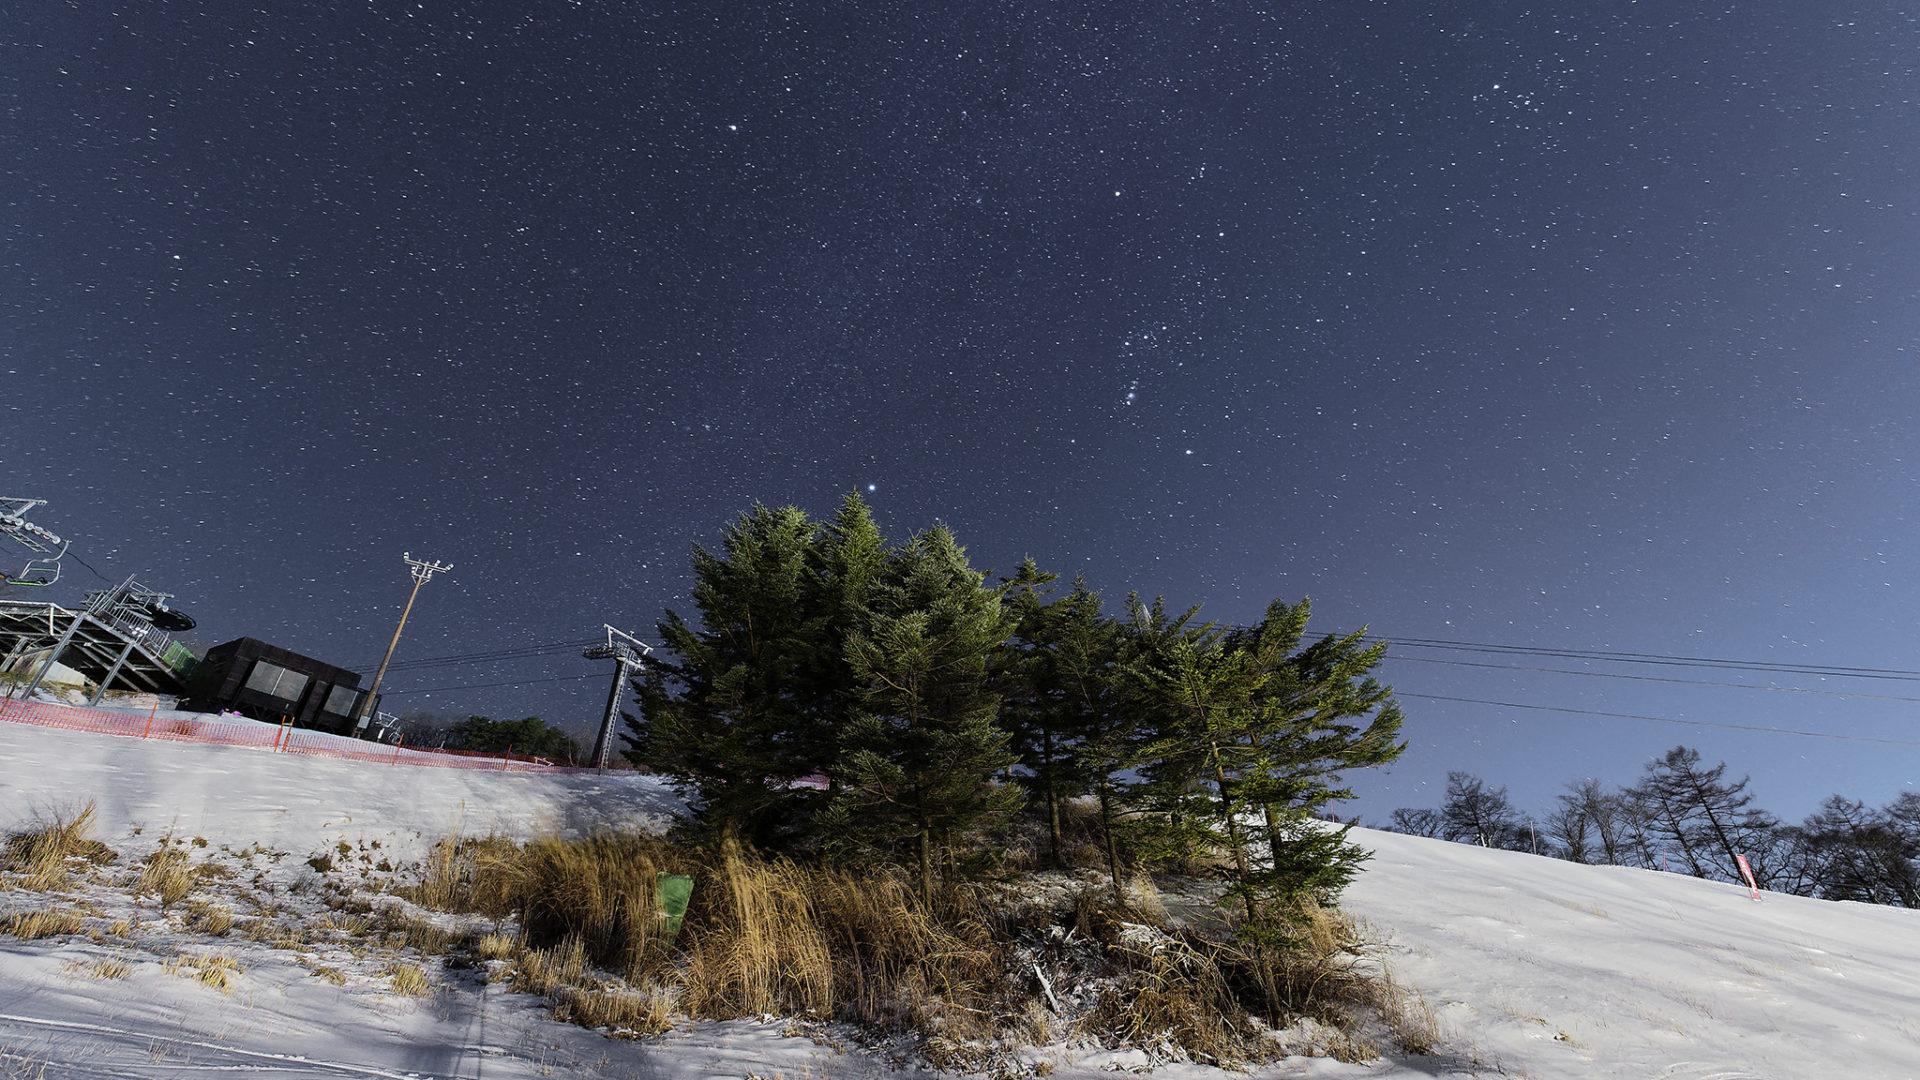 輕井澤冬夜銀河